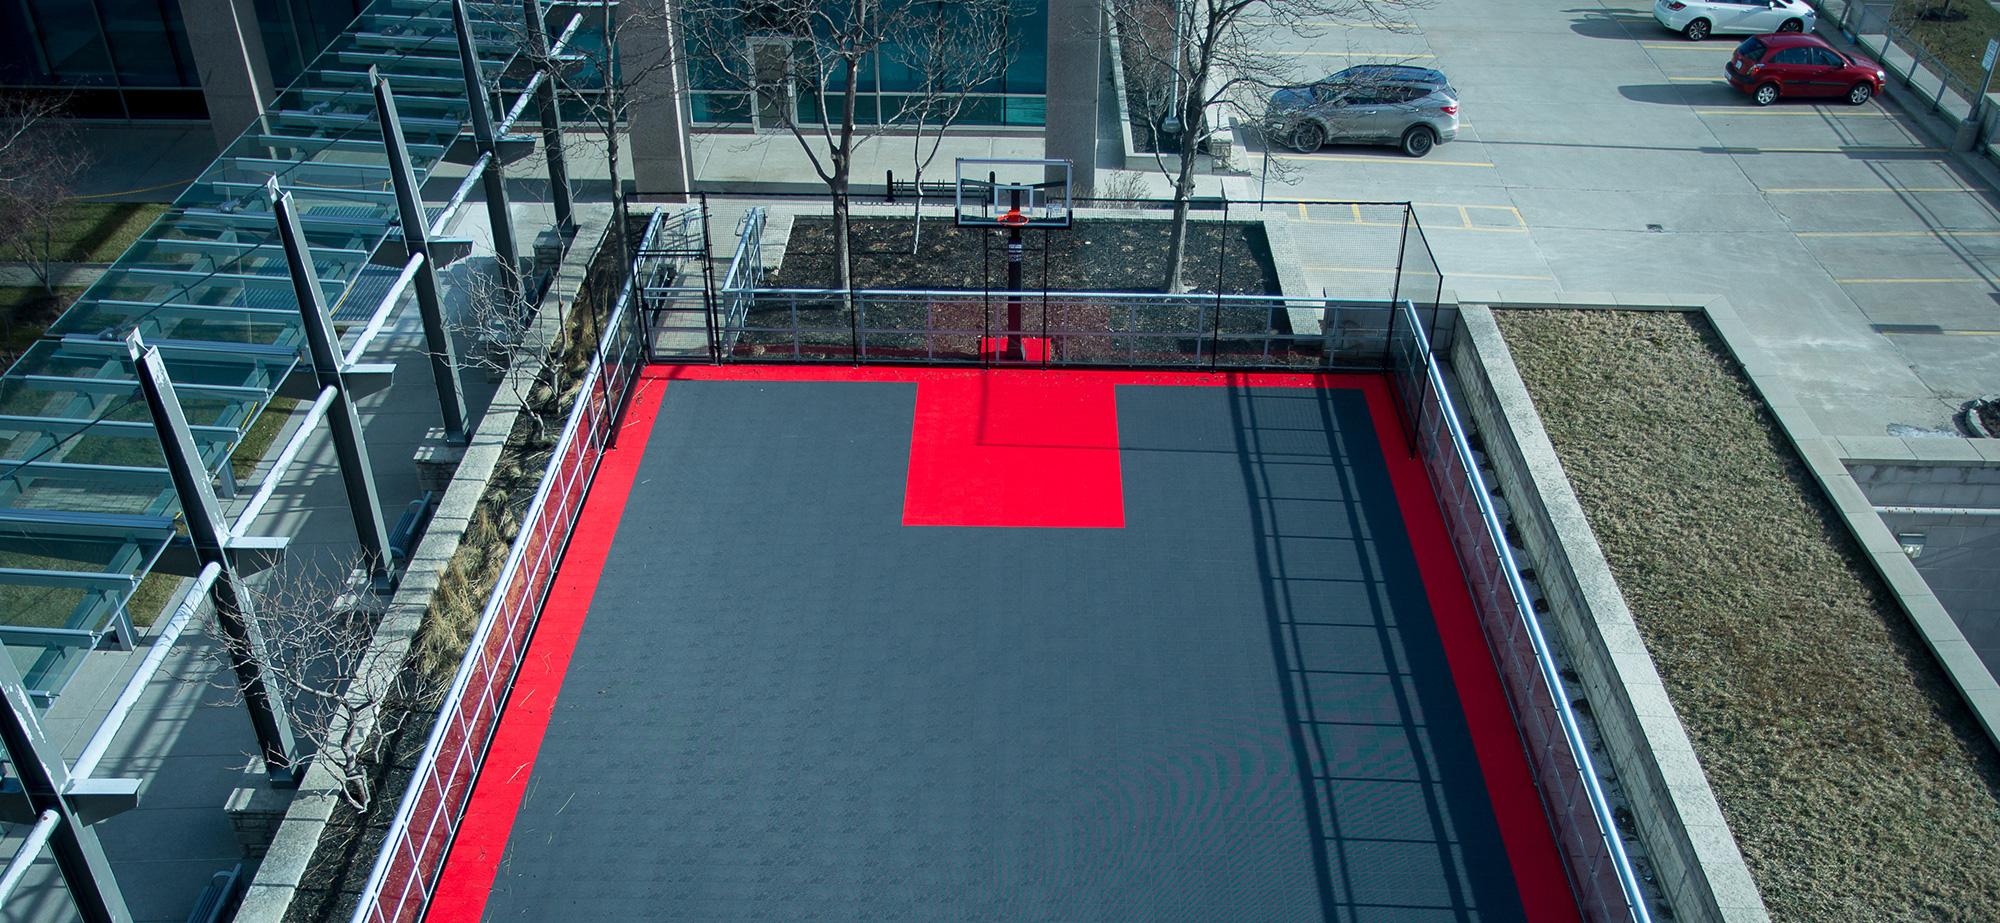 Steelestech-basketball-court